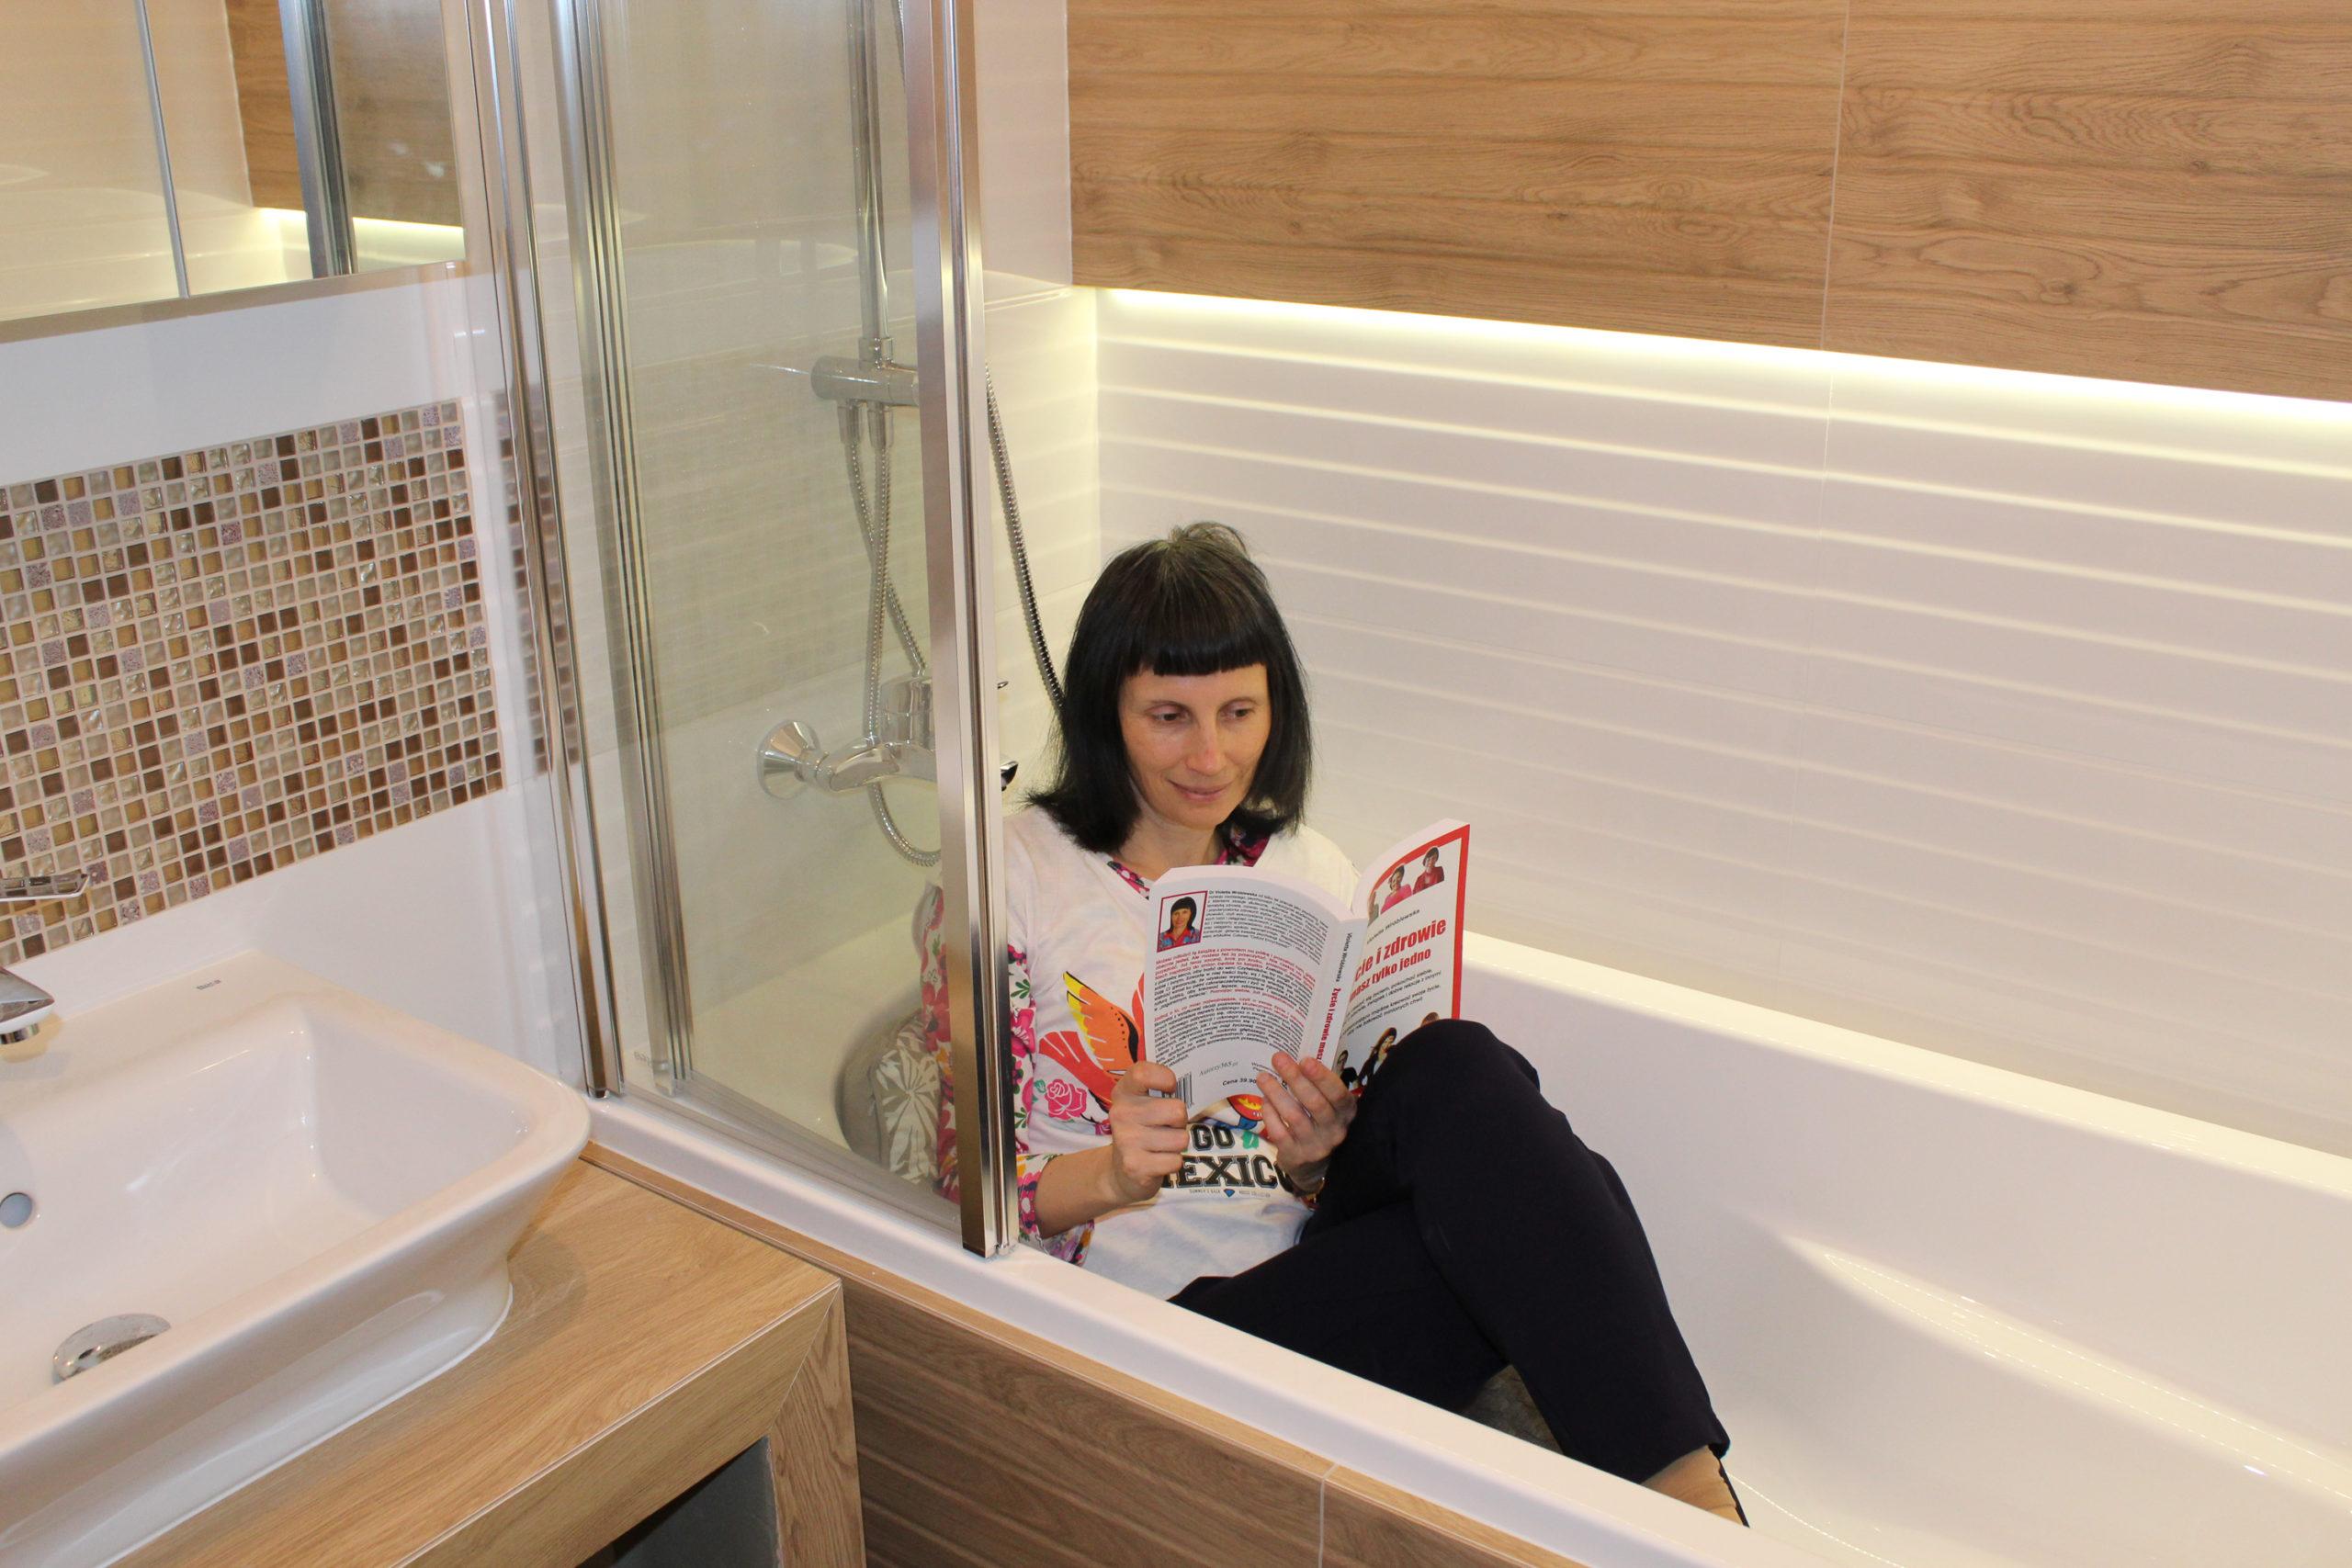 Violetta w wannie czyta książkę